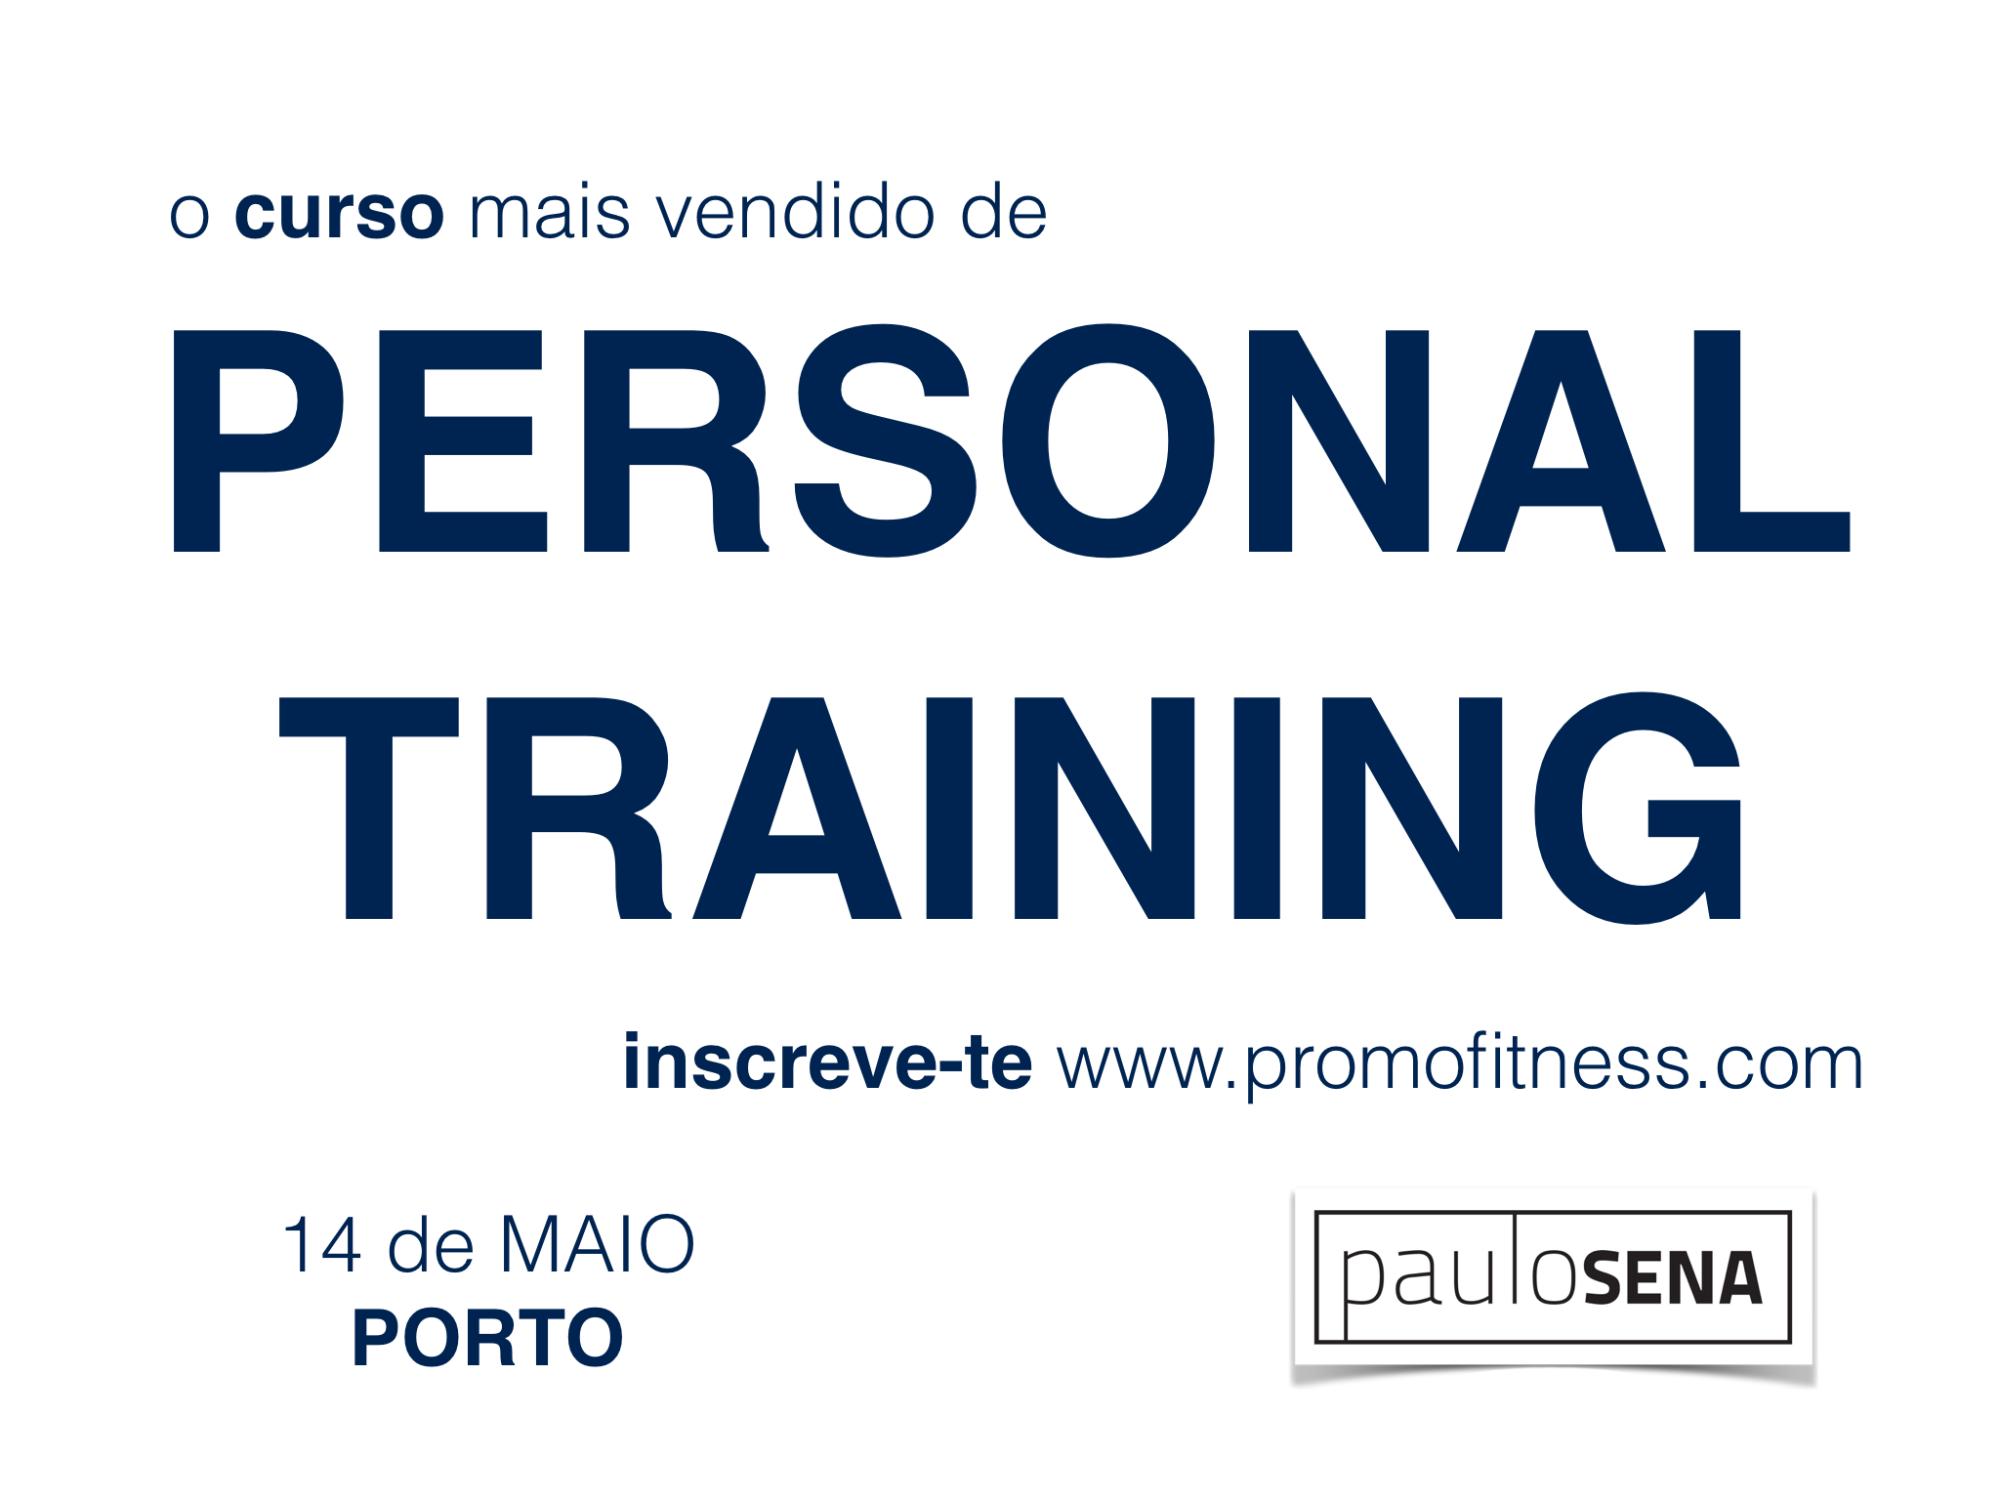 Curso de Personal Training com Paulo Sena